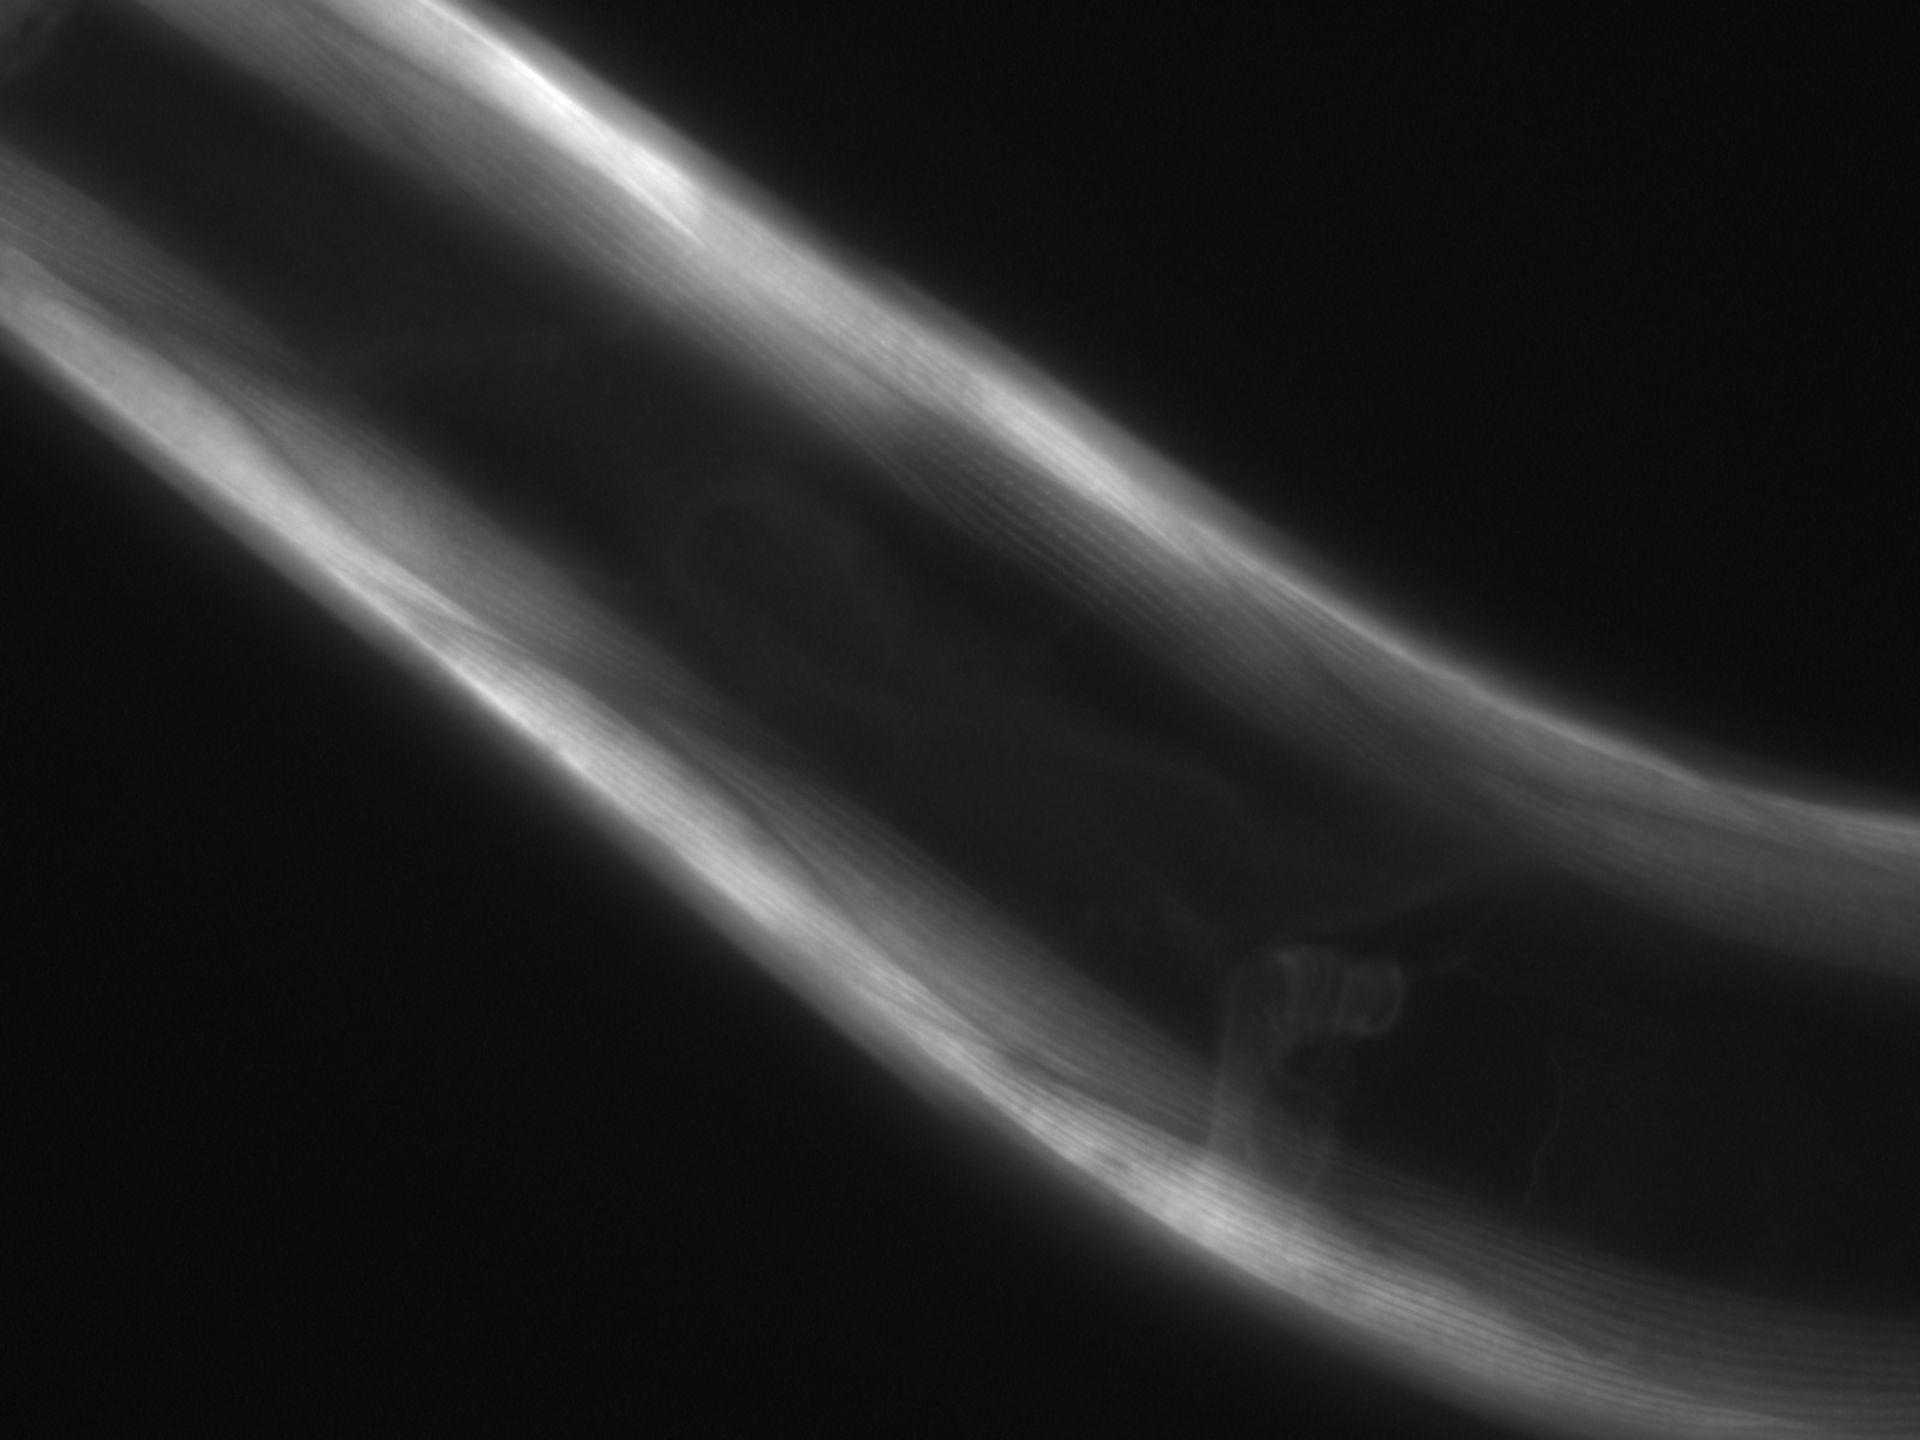 Caenorhabditis elegans (Actin filament) - CIL:1061